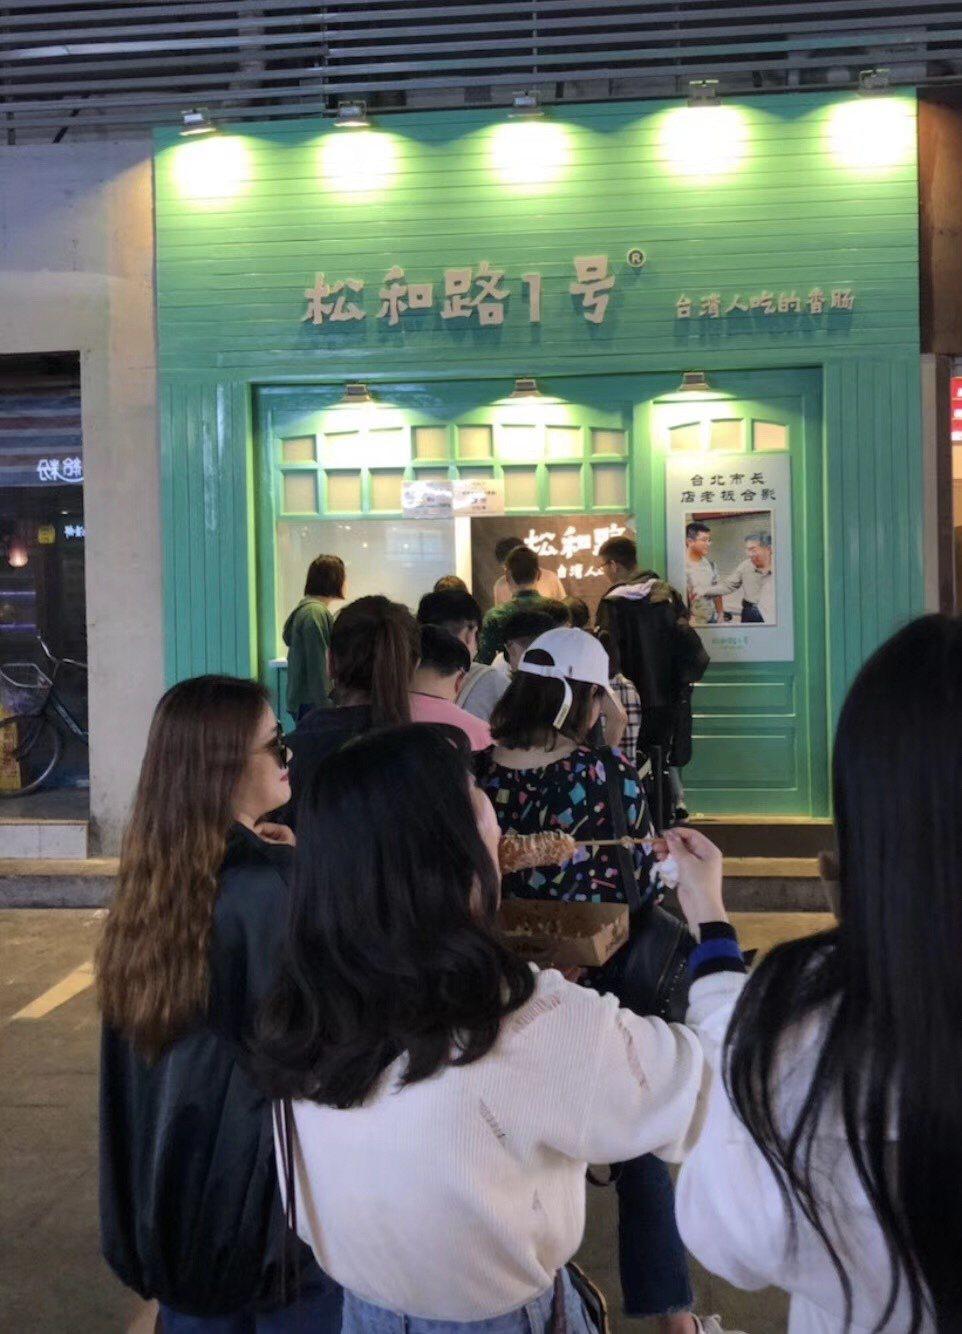 高雄餐旅大學國際交換生在青島開設的「松和路1號」,每天開店就是長長人龍。圖/高餐...